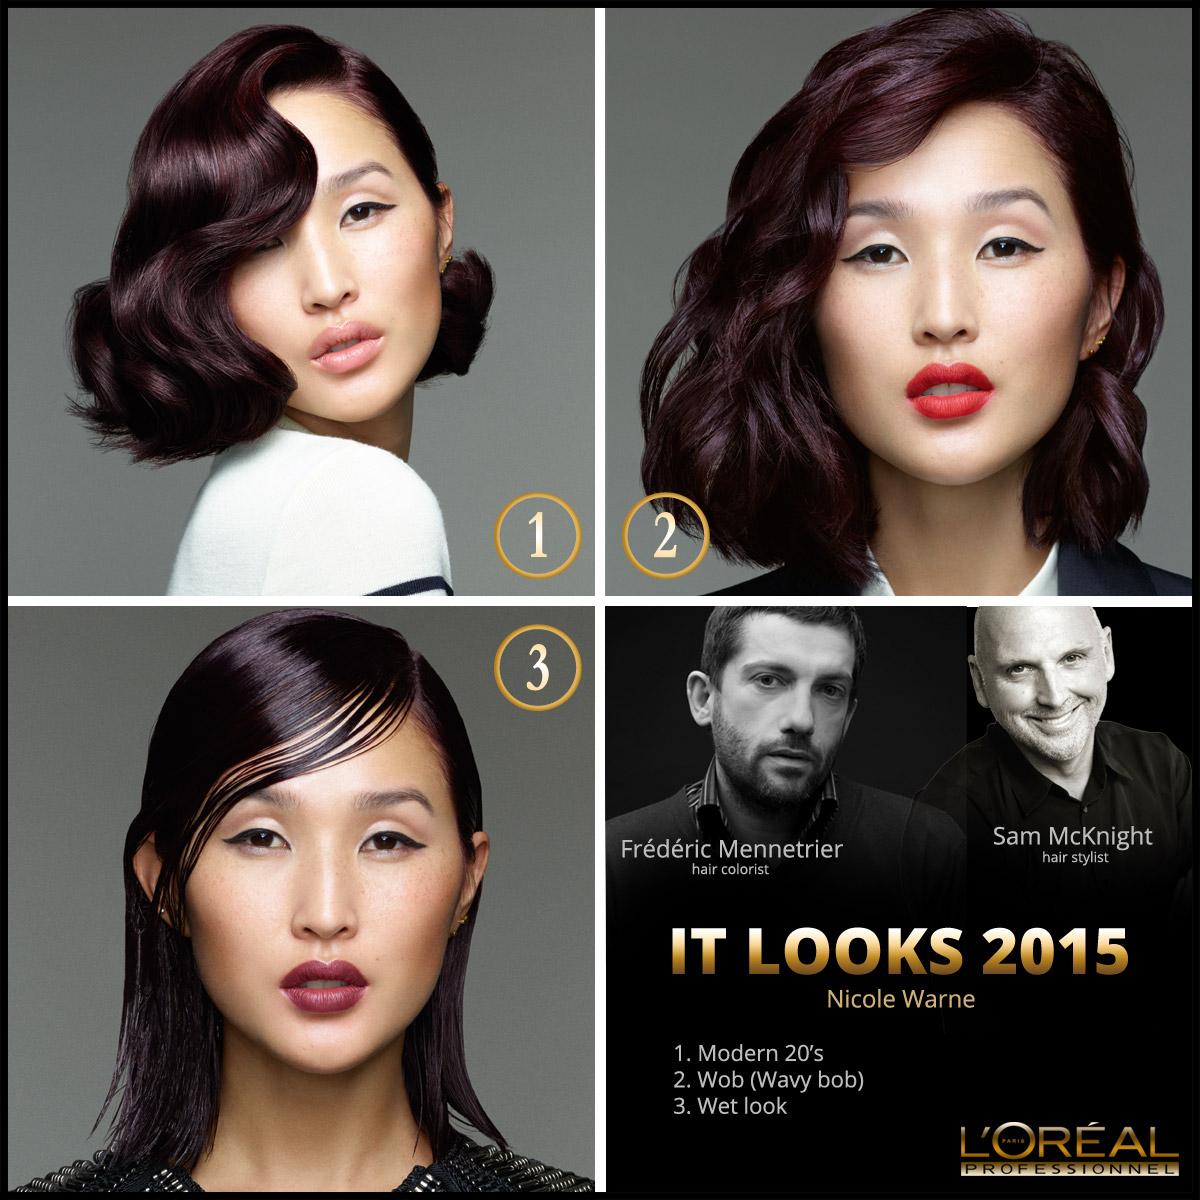 Nové účesy L'Oréal IT Looks 2015 pro letošní podzim a zimu v podání australské blogerky Nicole Warne